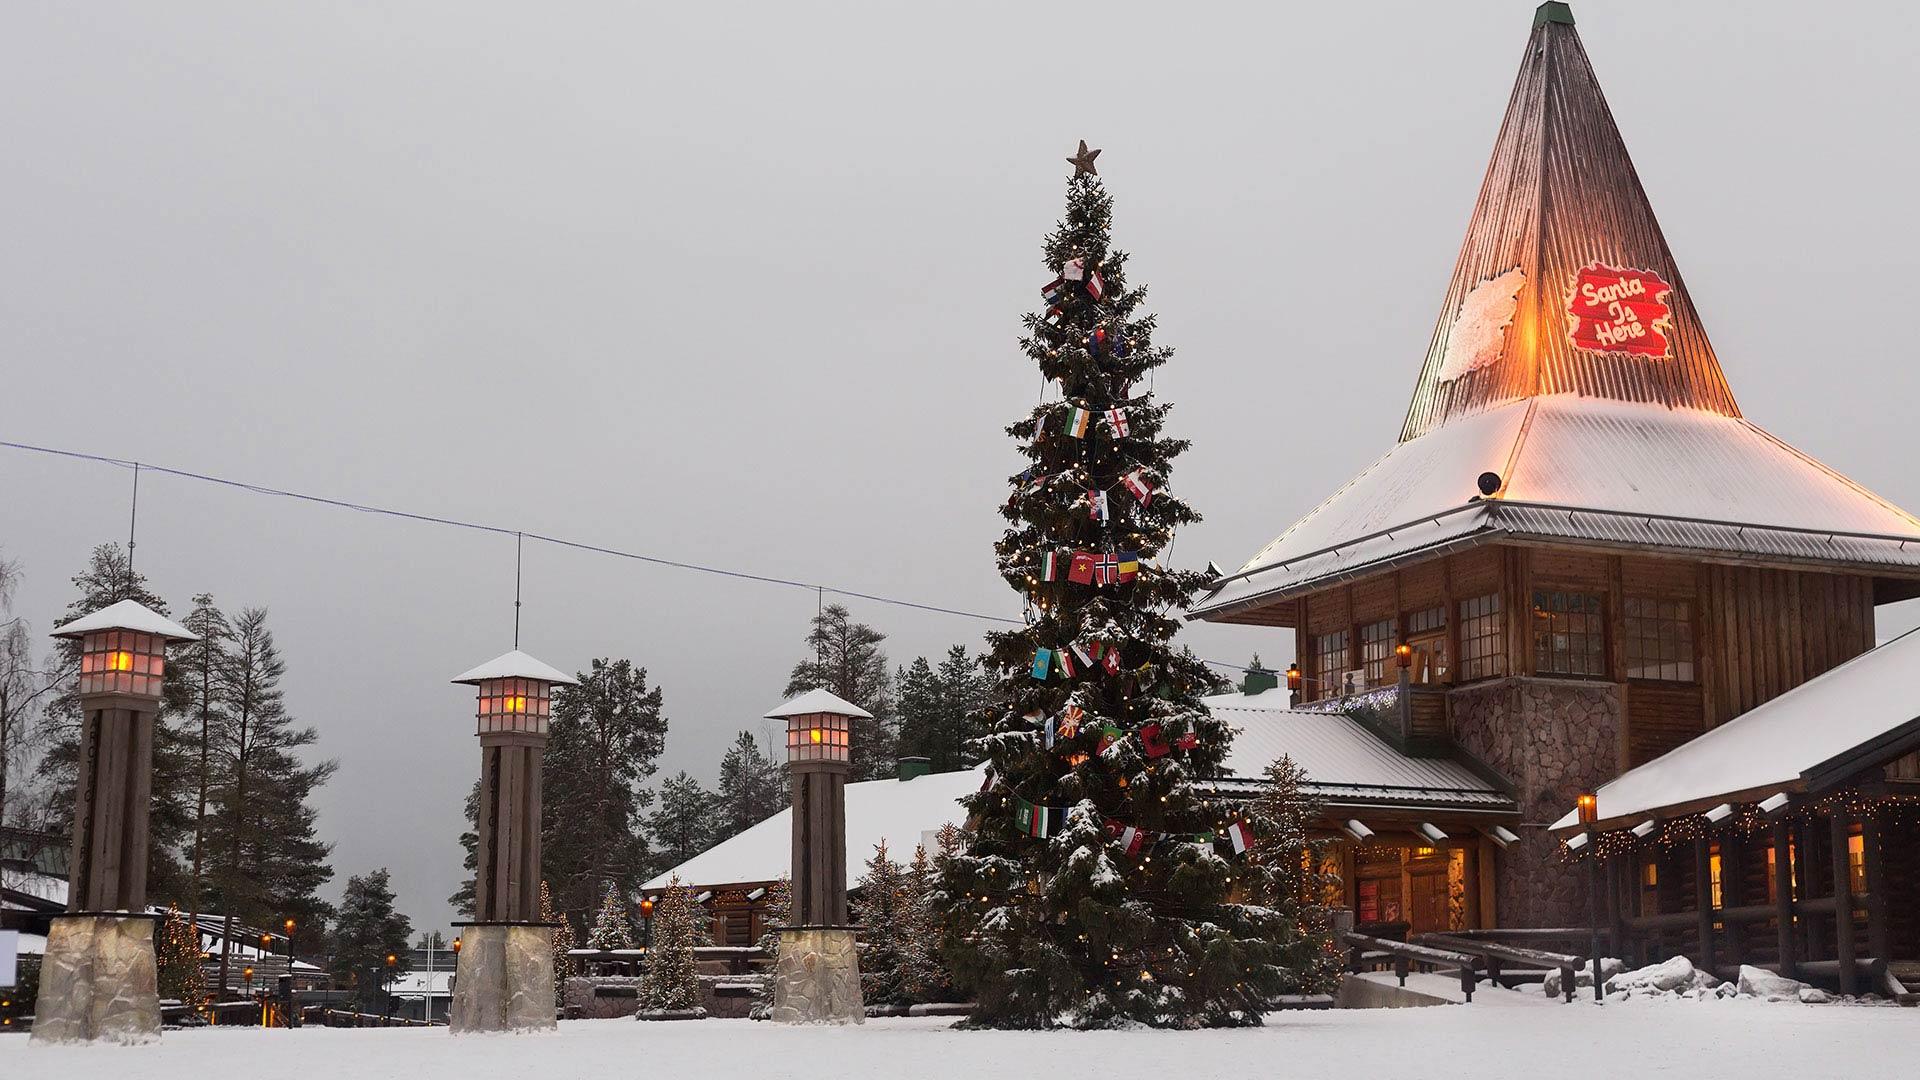 Rovaniemi : visit Santa Claus Village in Finland